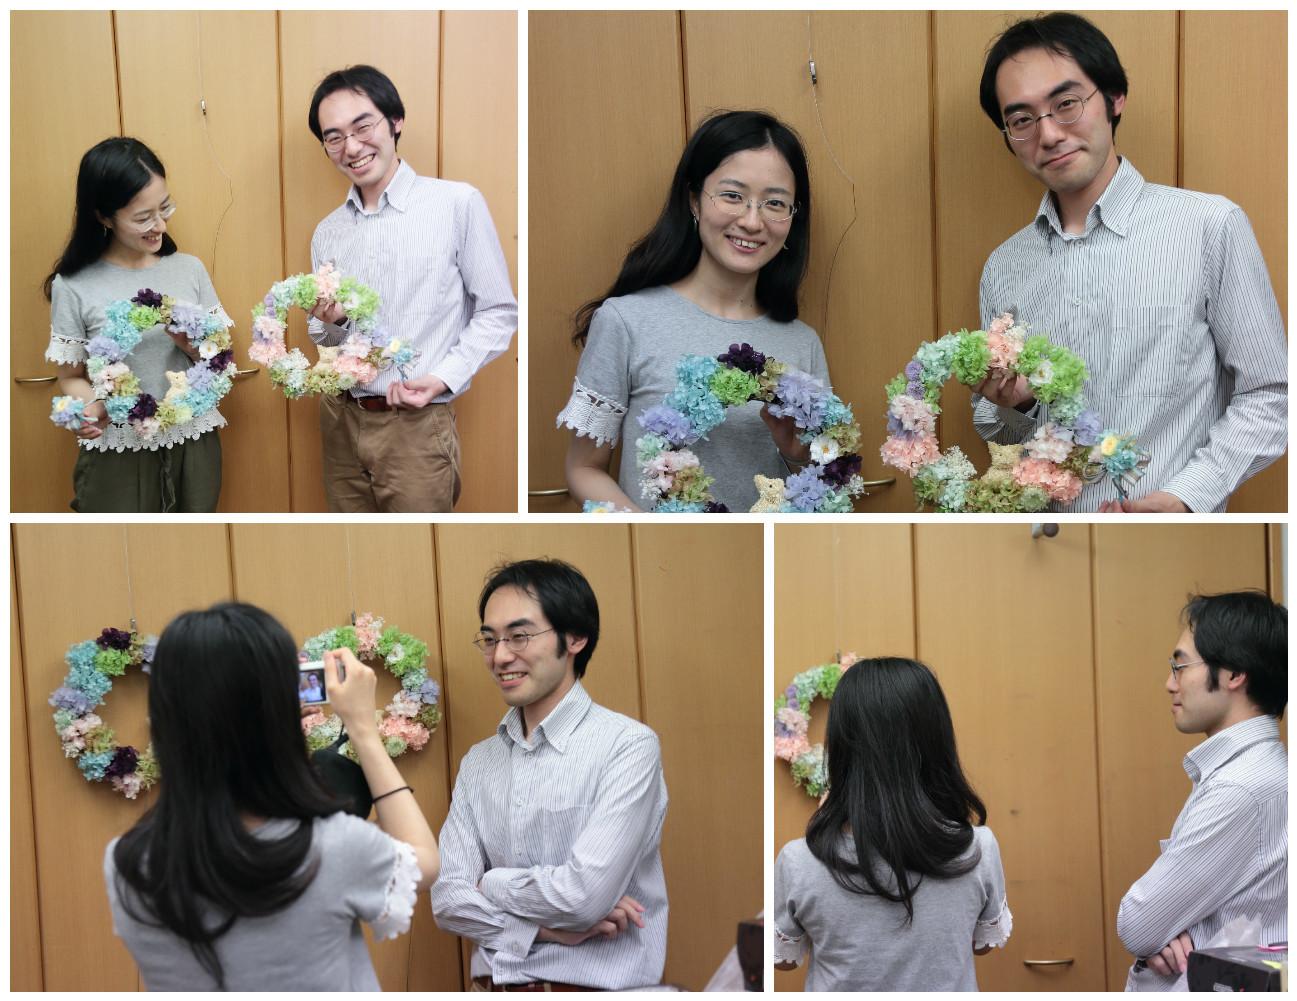 8月14日単発1DAYプリザーブドレッスン 贈呈花やブーケを手作りで 9月以降の開催日はリクエスト受付中です_a0042928_11440885.jpg